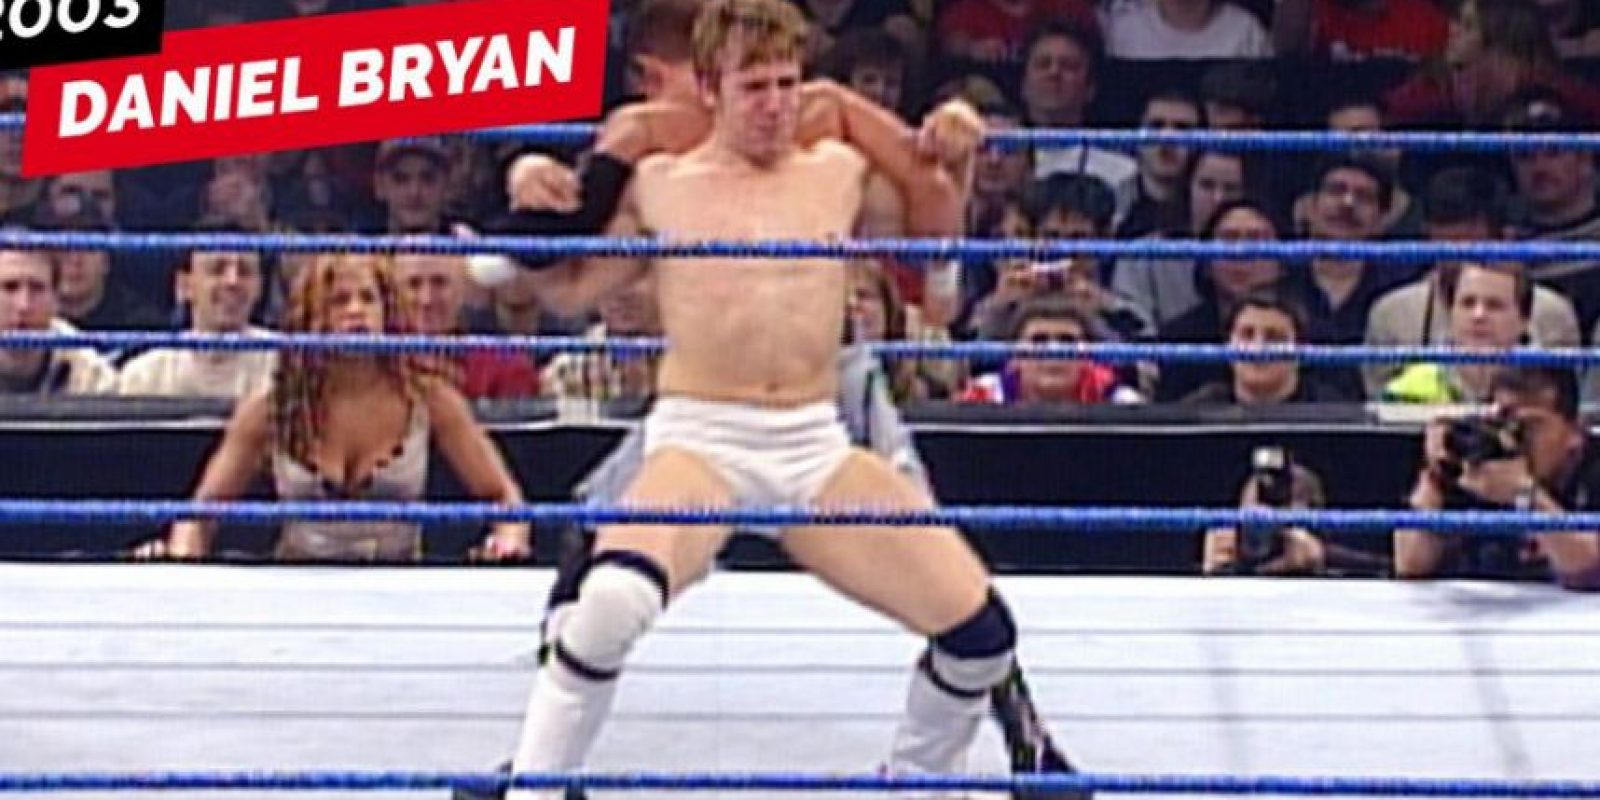 Daniel Bryan en 2003 Foto:WWE